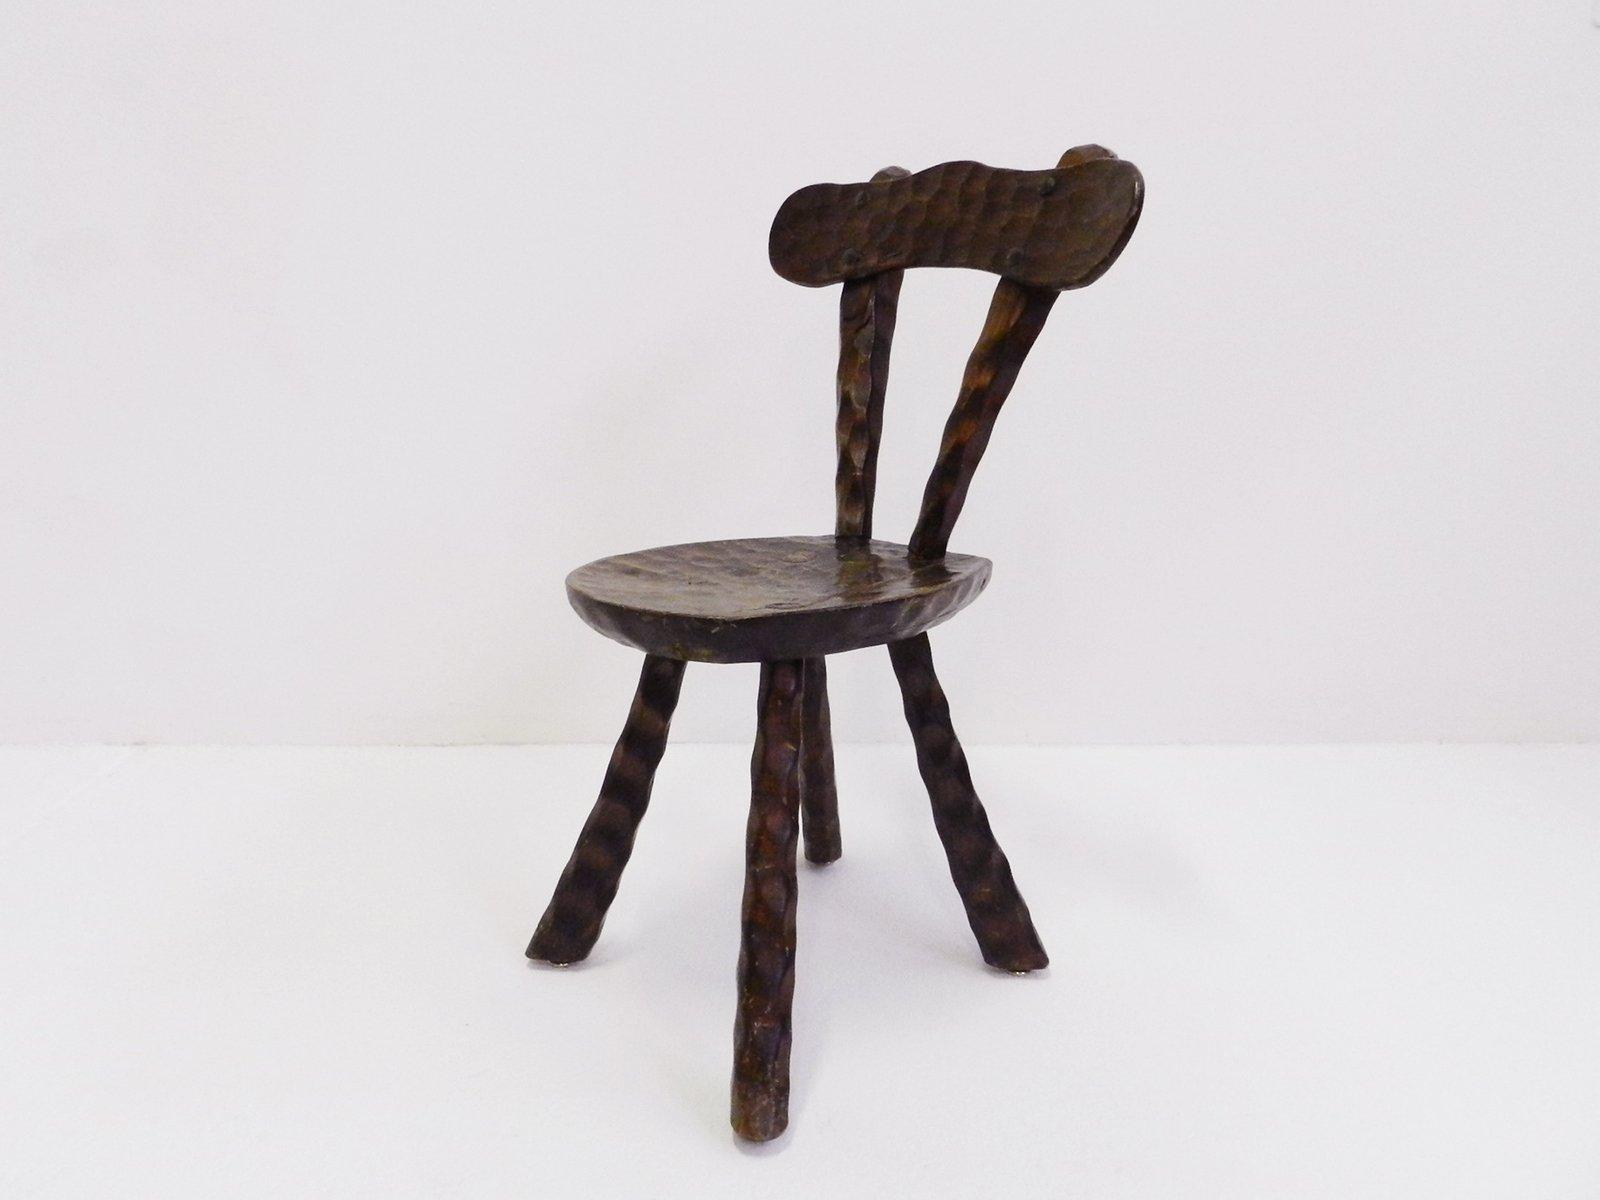 Sedia Vintage In Legno Svizzera In Vendita Su Pamono